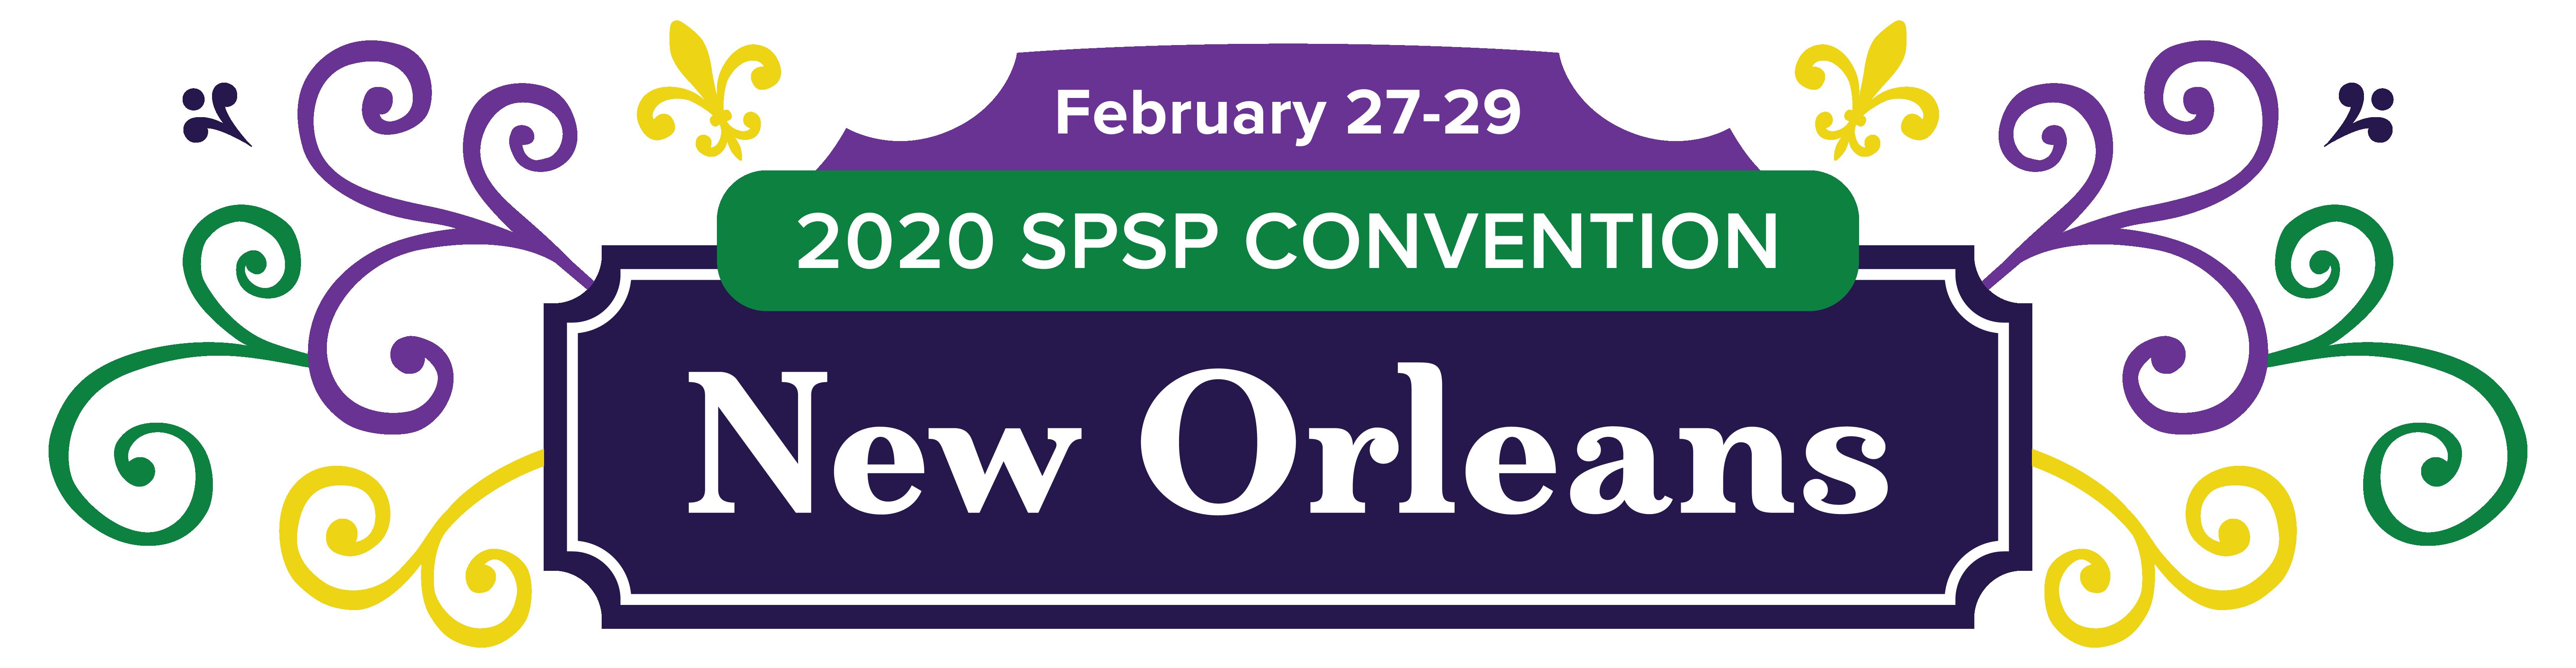 New Orleans SPSP2020 logo